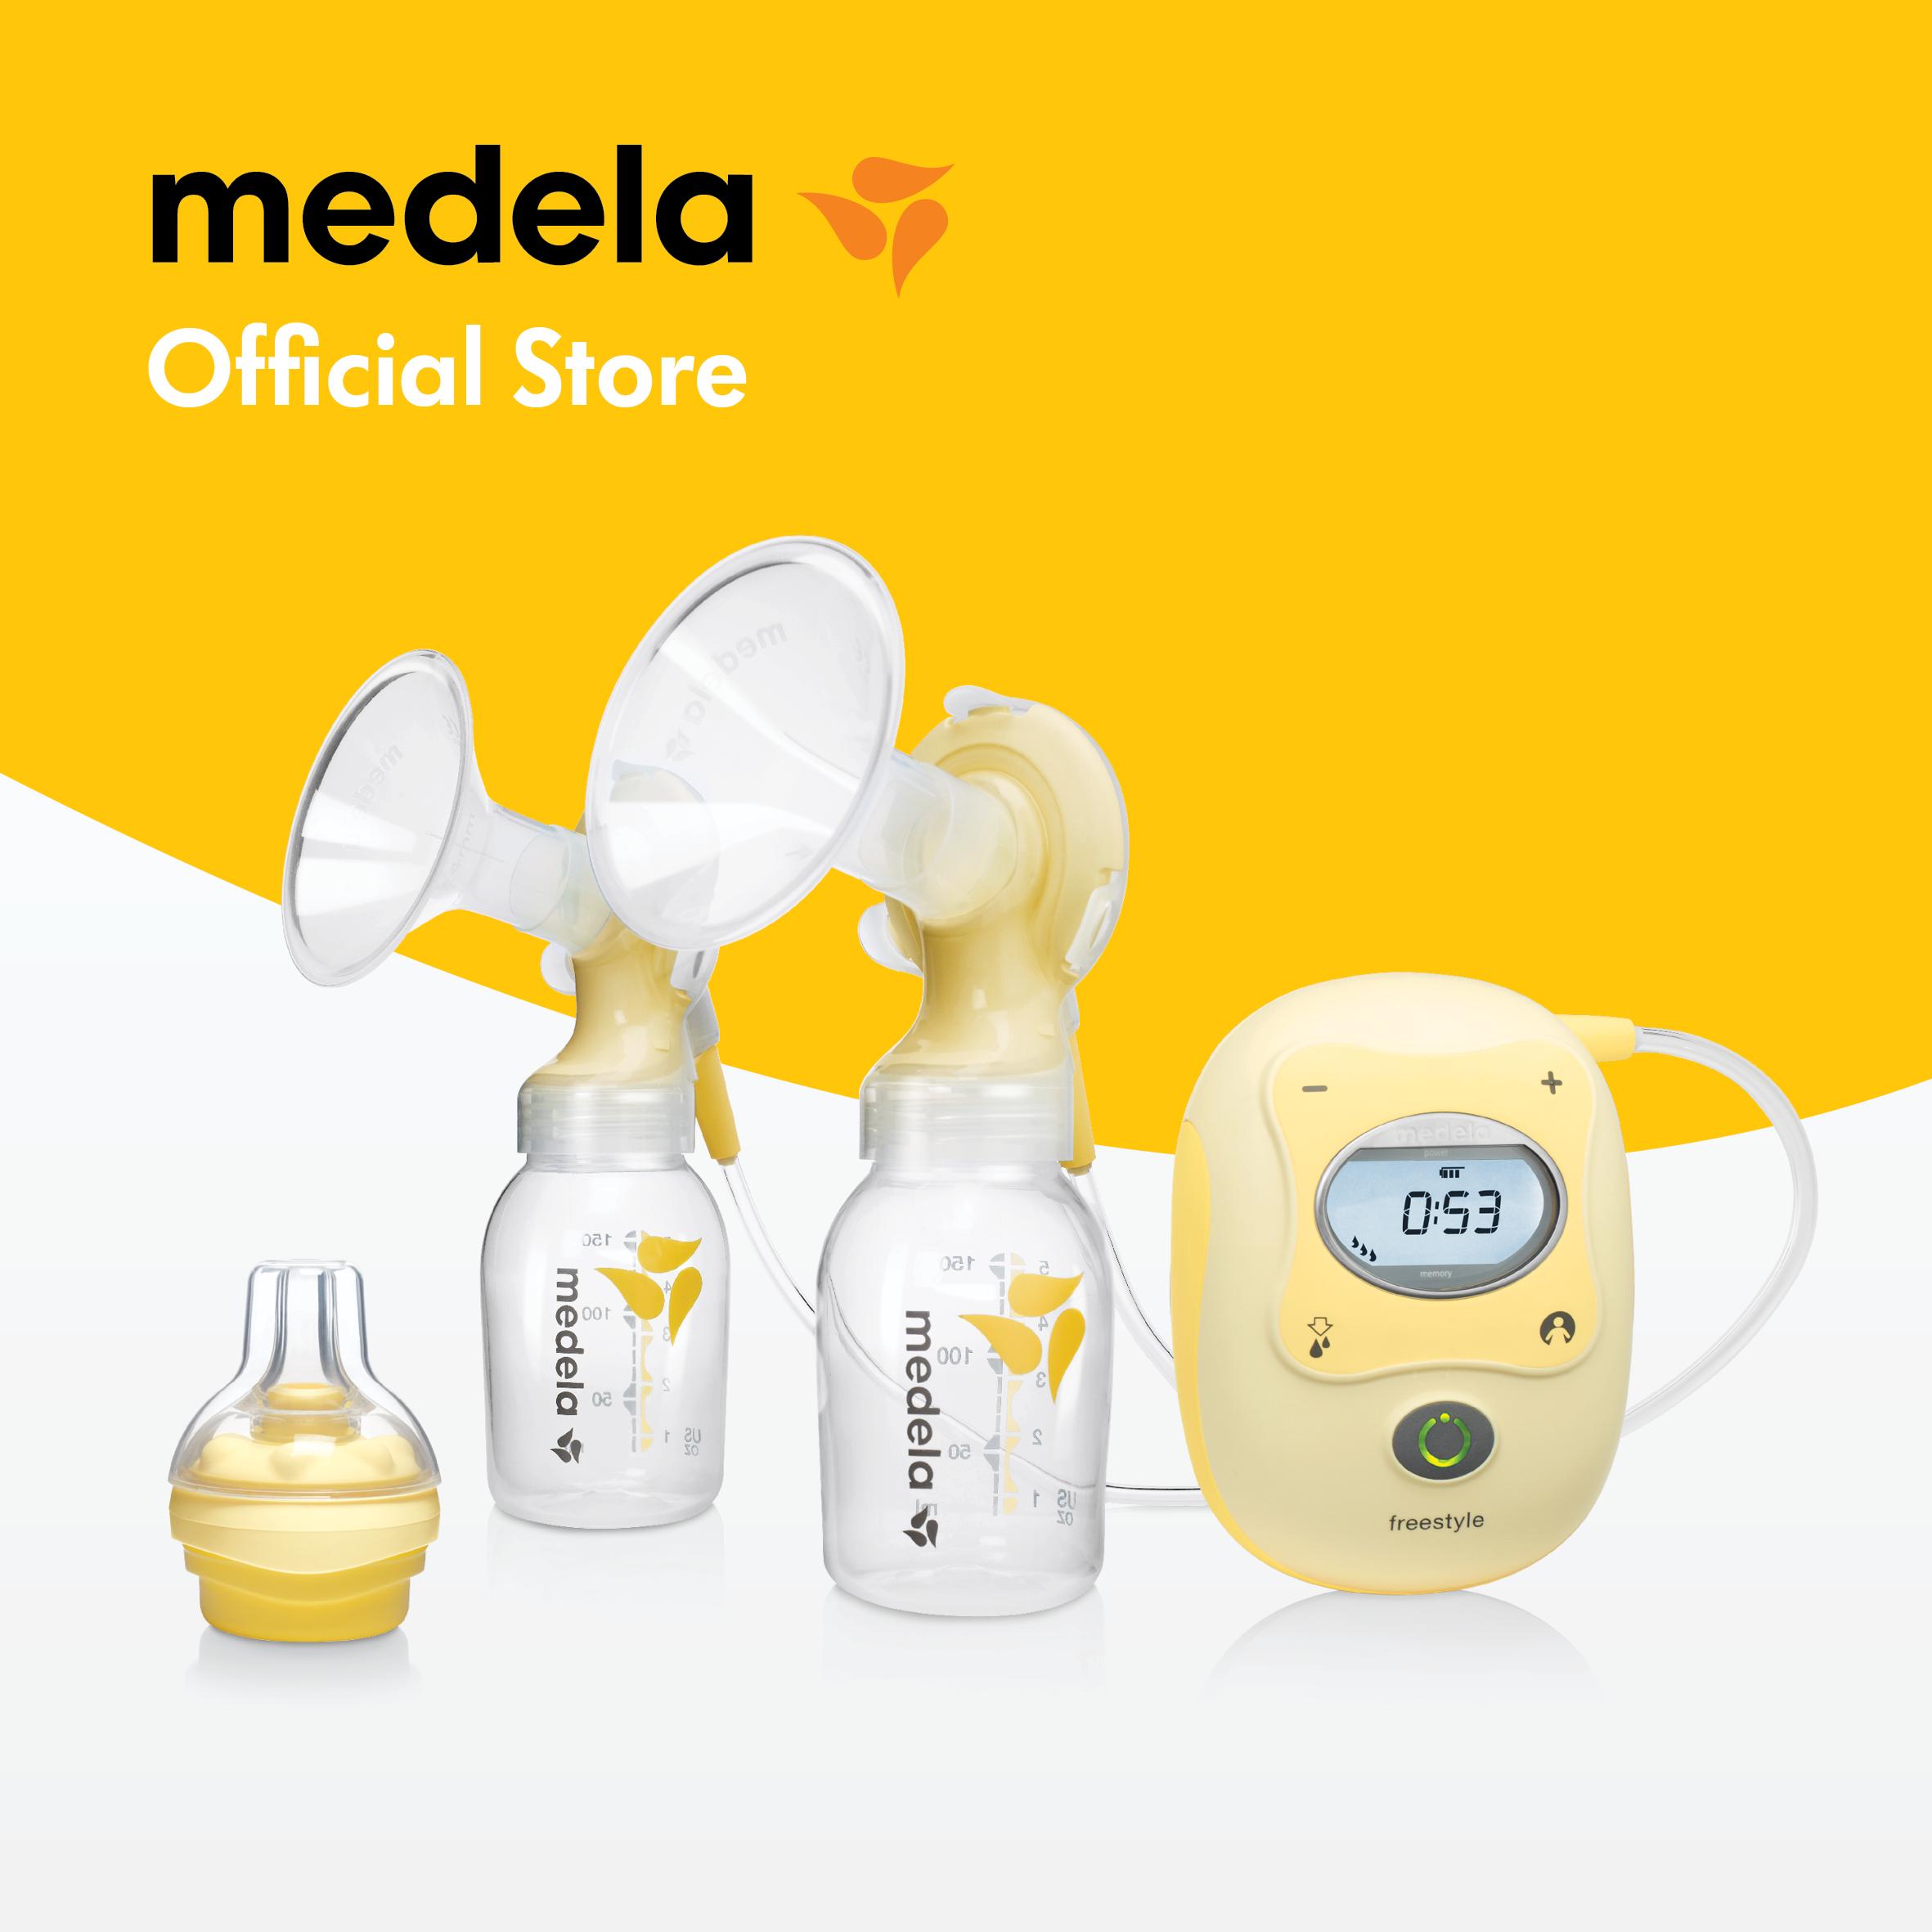 Máy hút sữa Medela Freestyle - Tặng 1 áo hút sữa rảnh tay DHL và 1 núm Calma - Hàng phân phối chính thức Medela Thụy Sĩ